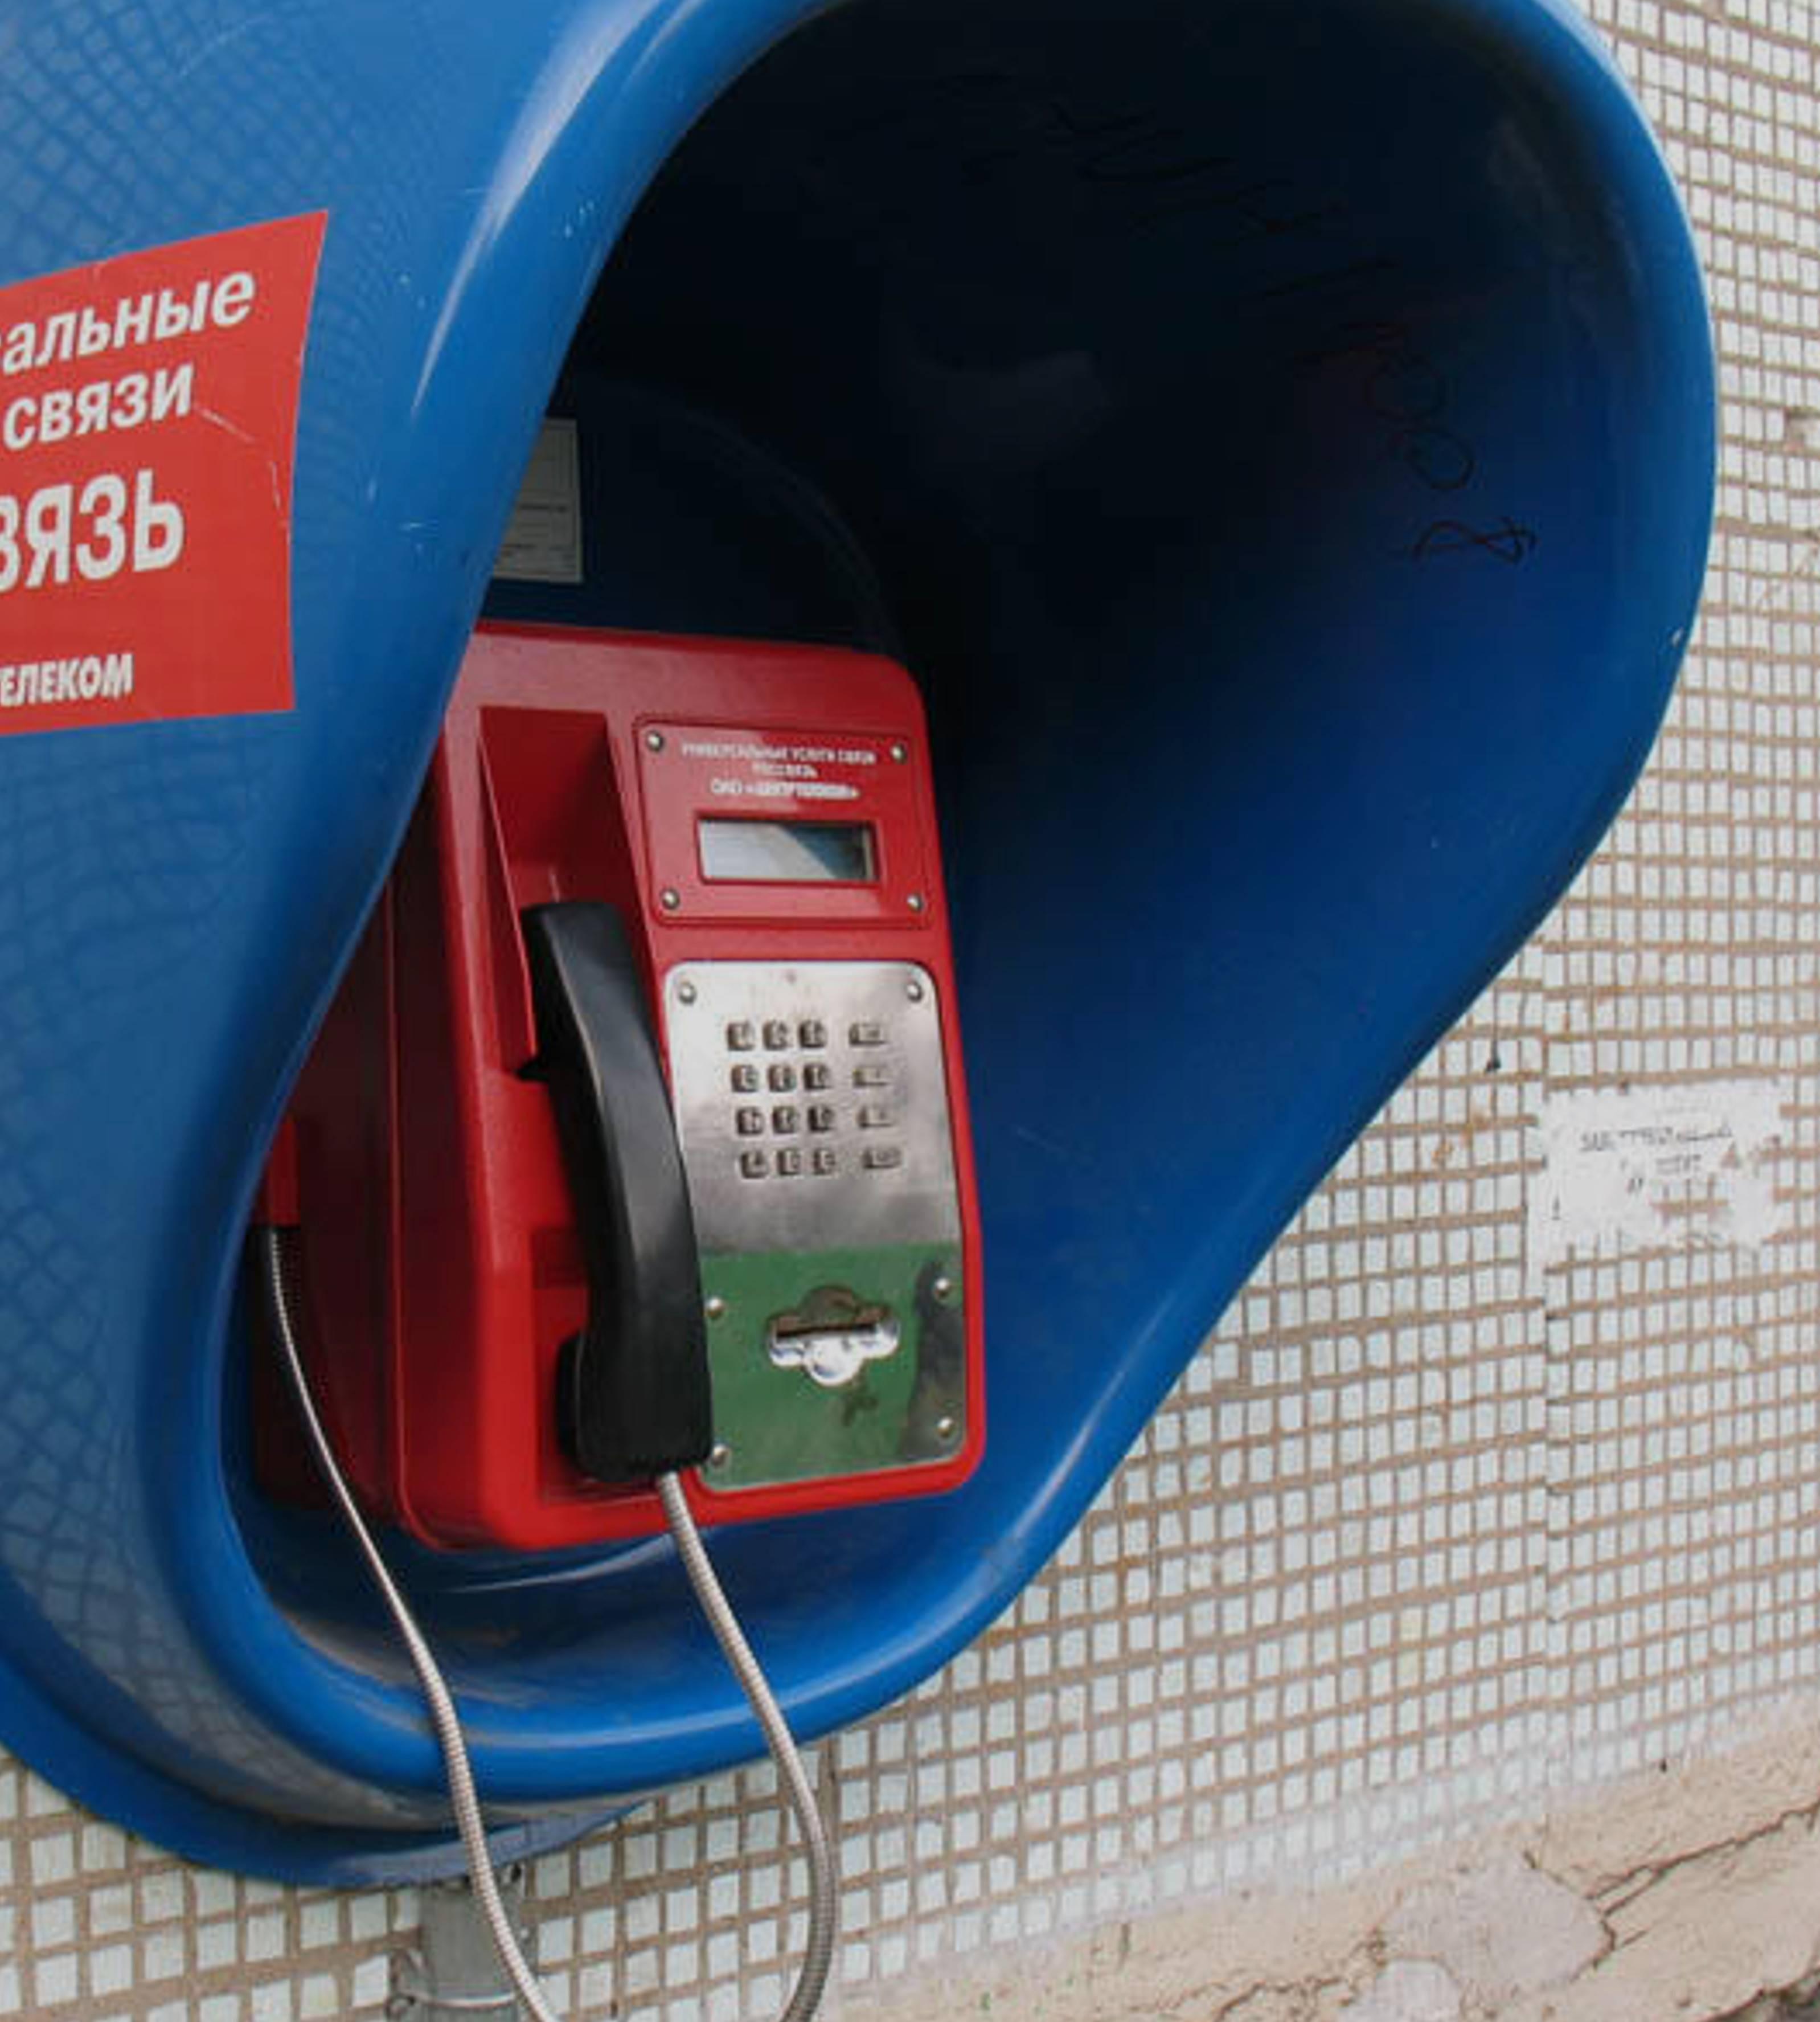 Адреса и телефоны в испании